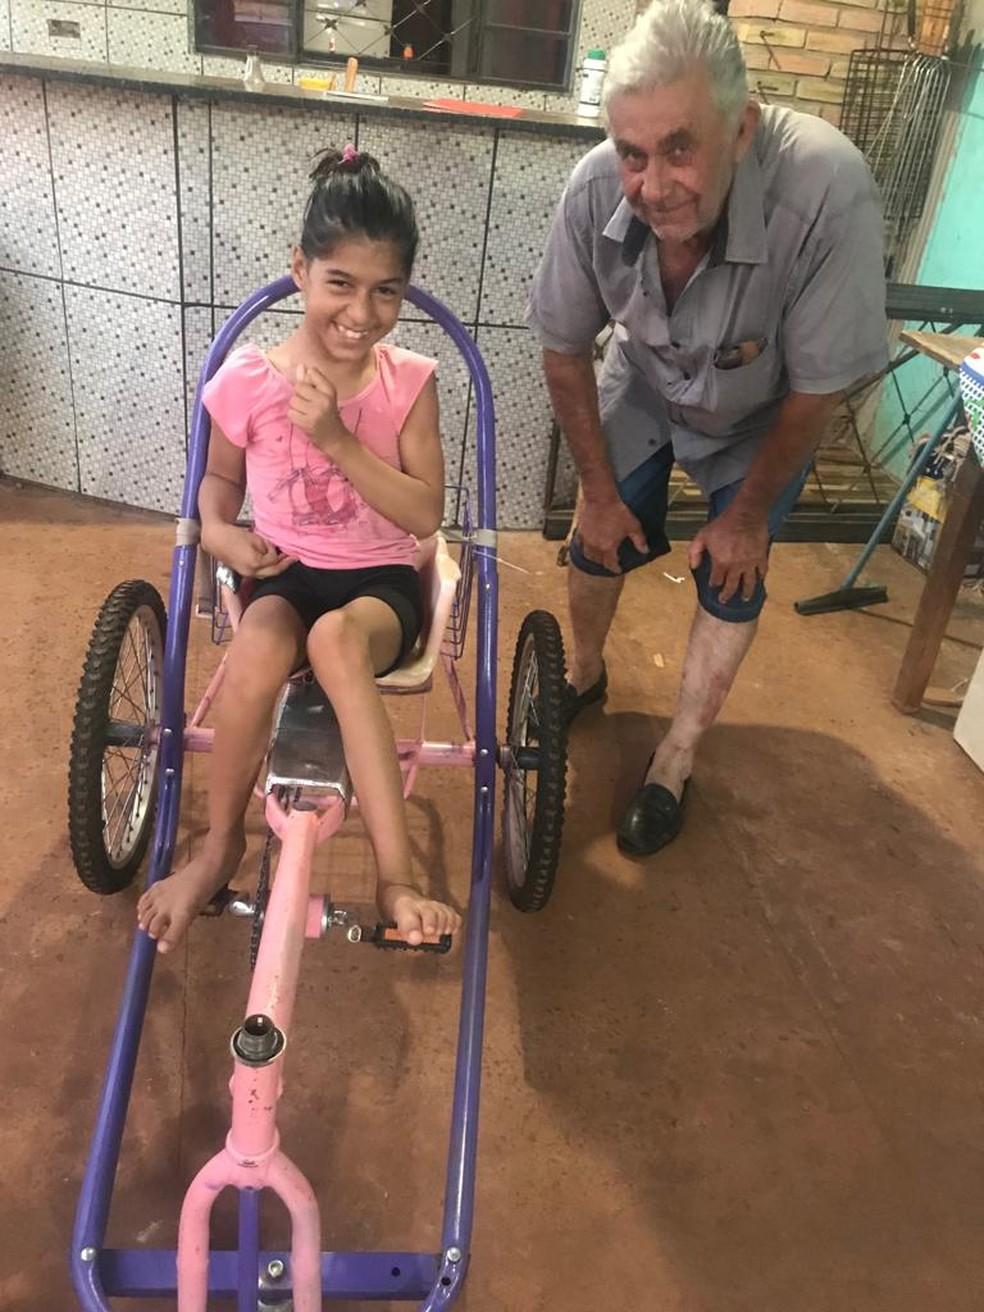 Clóvis e a neta com a bicicleta e adpatada, em Sidrolândia (MS). — Foto: Roseli Bonfim Acunha/Arquivo pessoal